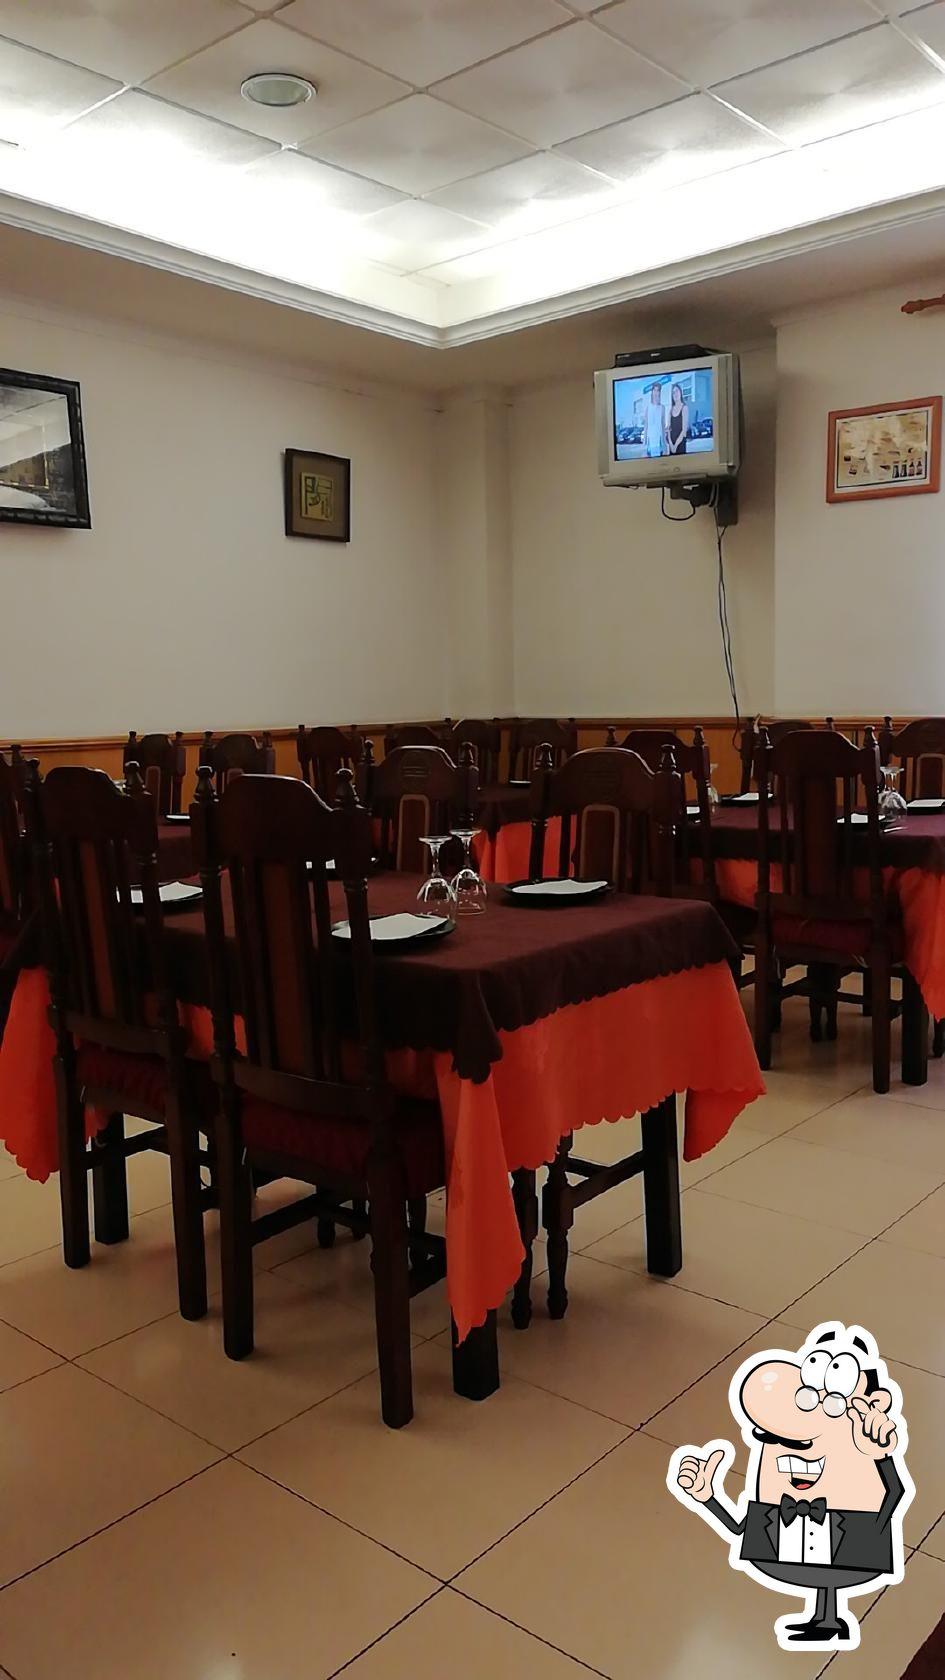 Siéntate a una de las mesas de Restaurant El Fénix